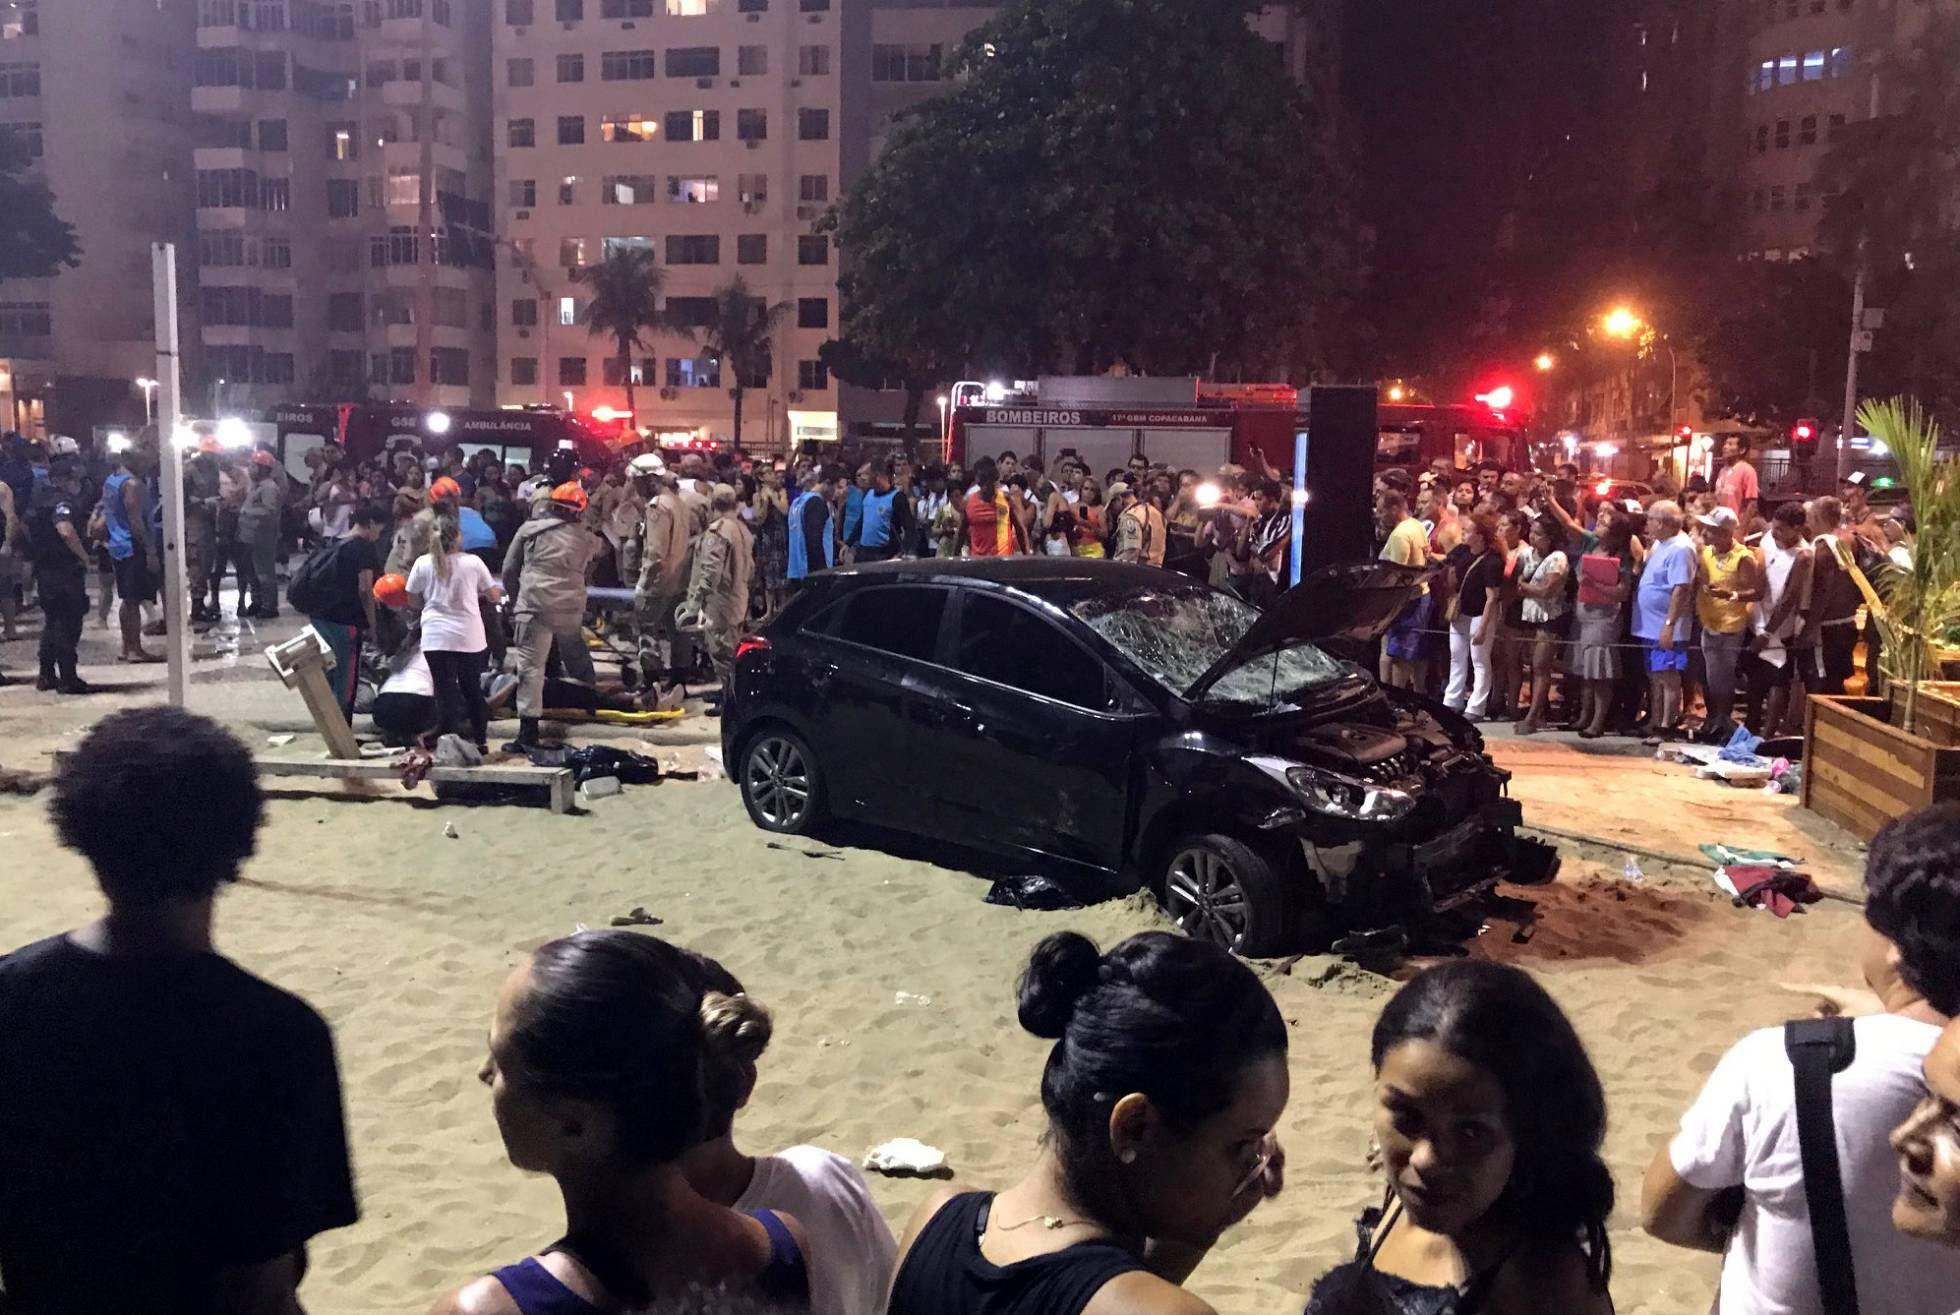 Un coche invadió la acera de la playa de Copacabana y 15 personas resultaron heridas